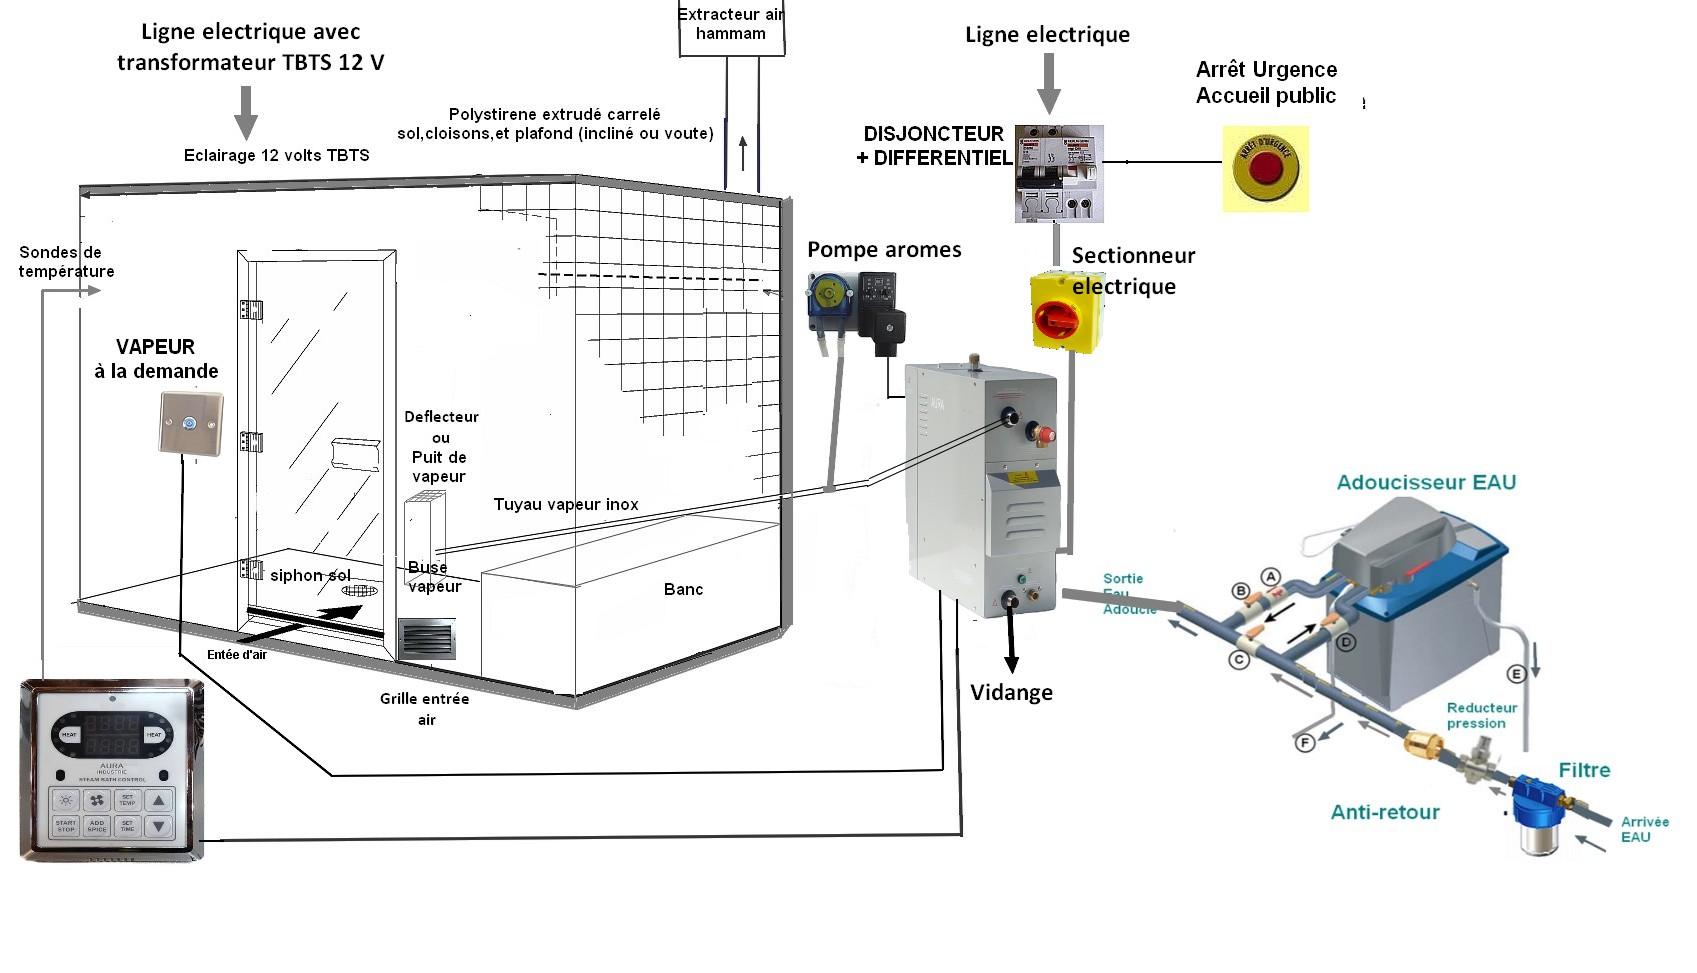 Comment Faire Fonctionner Un Sauna installation du générateur de vapeur hammam - hammam equipement